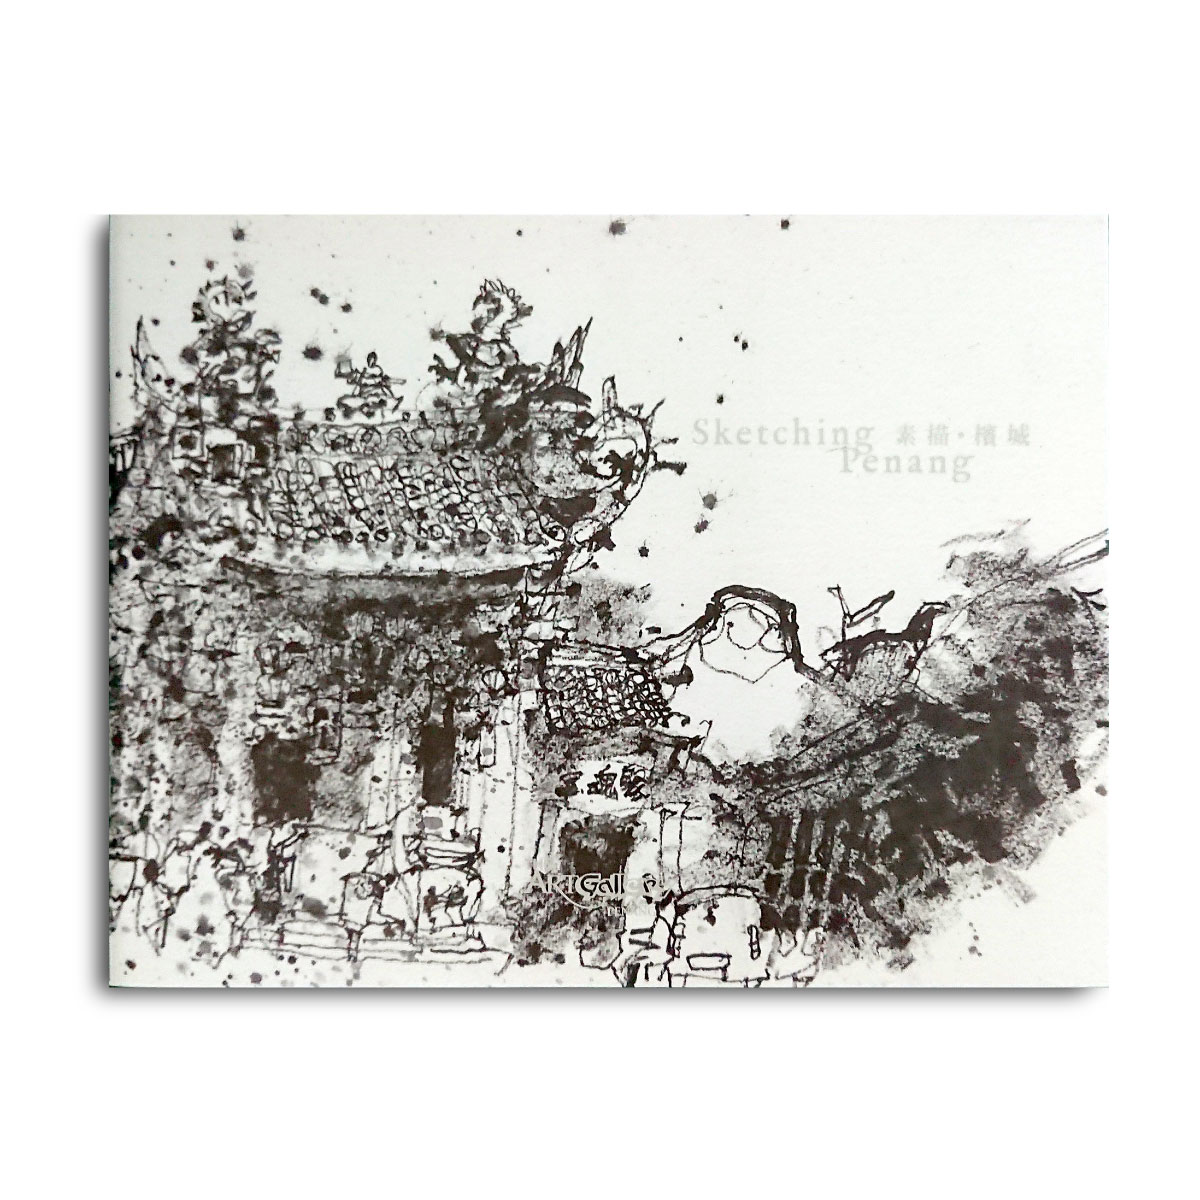 Sketching Penang 素描 • 槟城 by Ch'ng Kiah Kiean